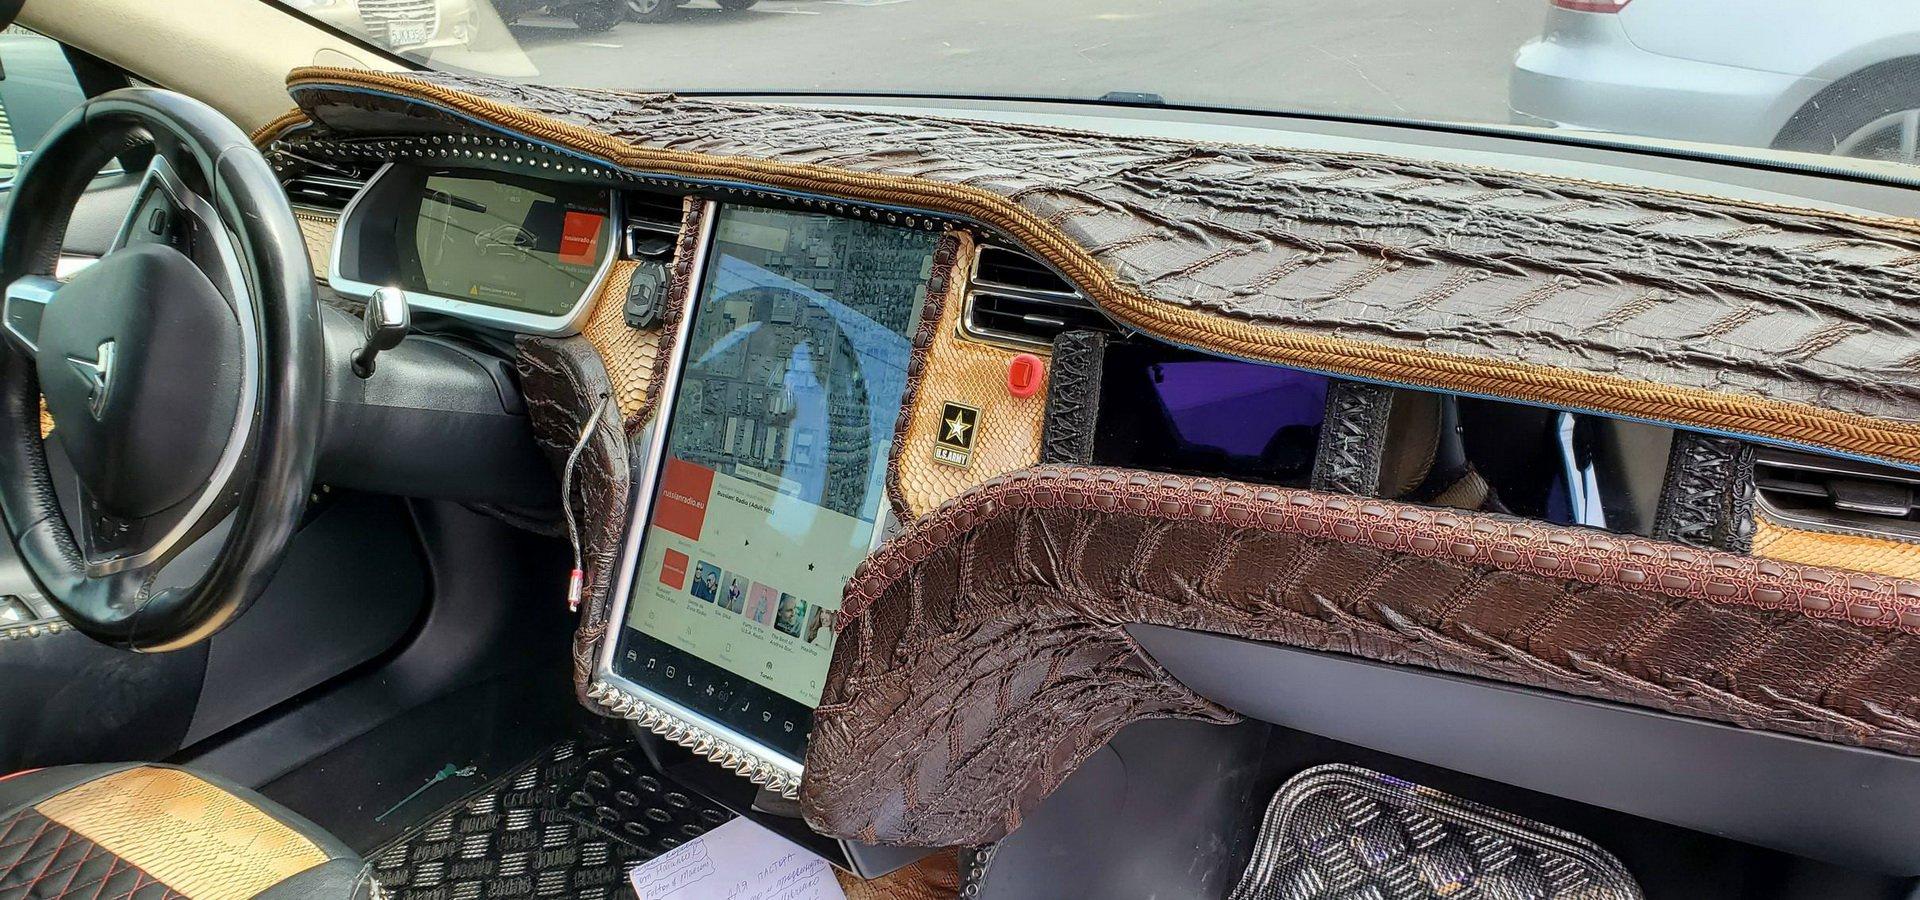 Перед вами Tesla Model S. Ее владелец захотел отделать каждый квадратный сантиметр салона крокодиловой кожей всех мастей